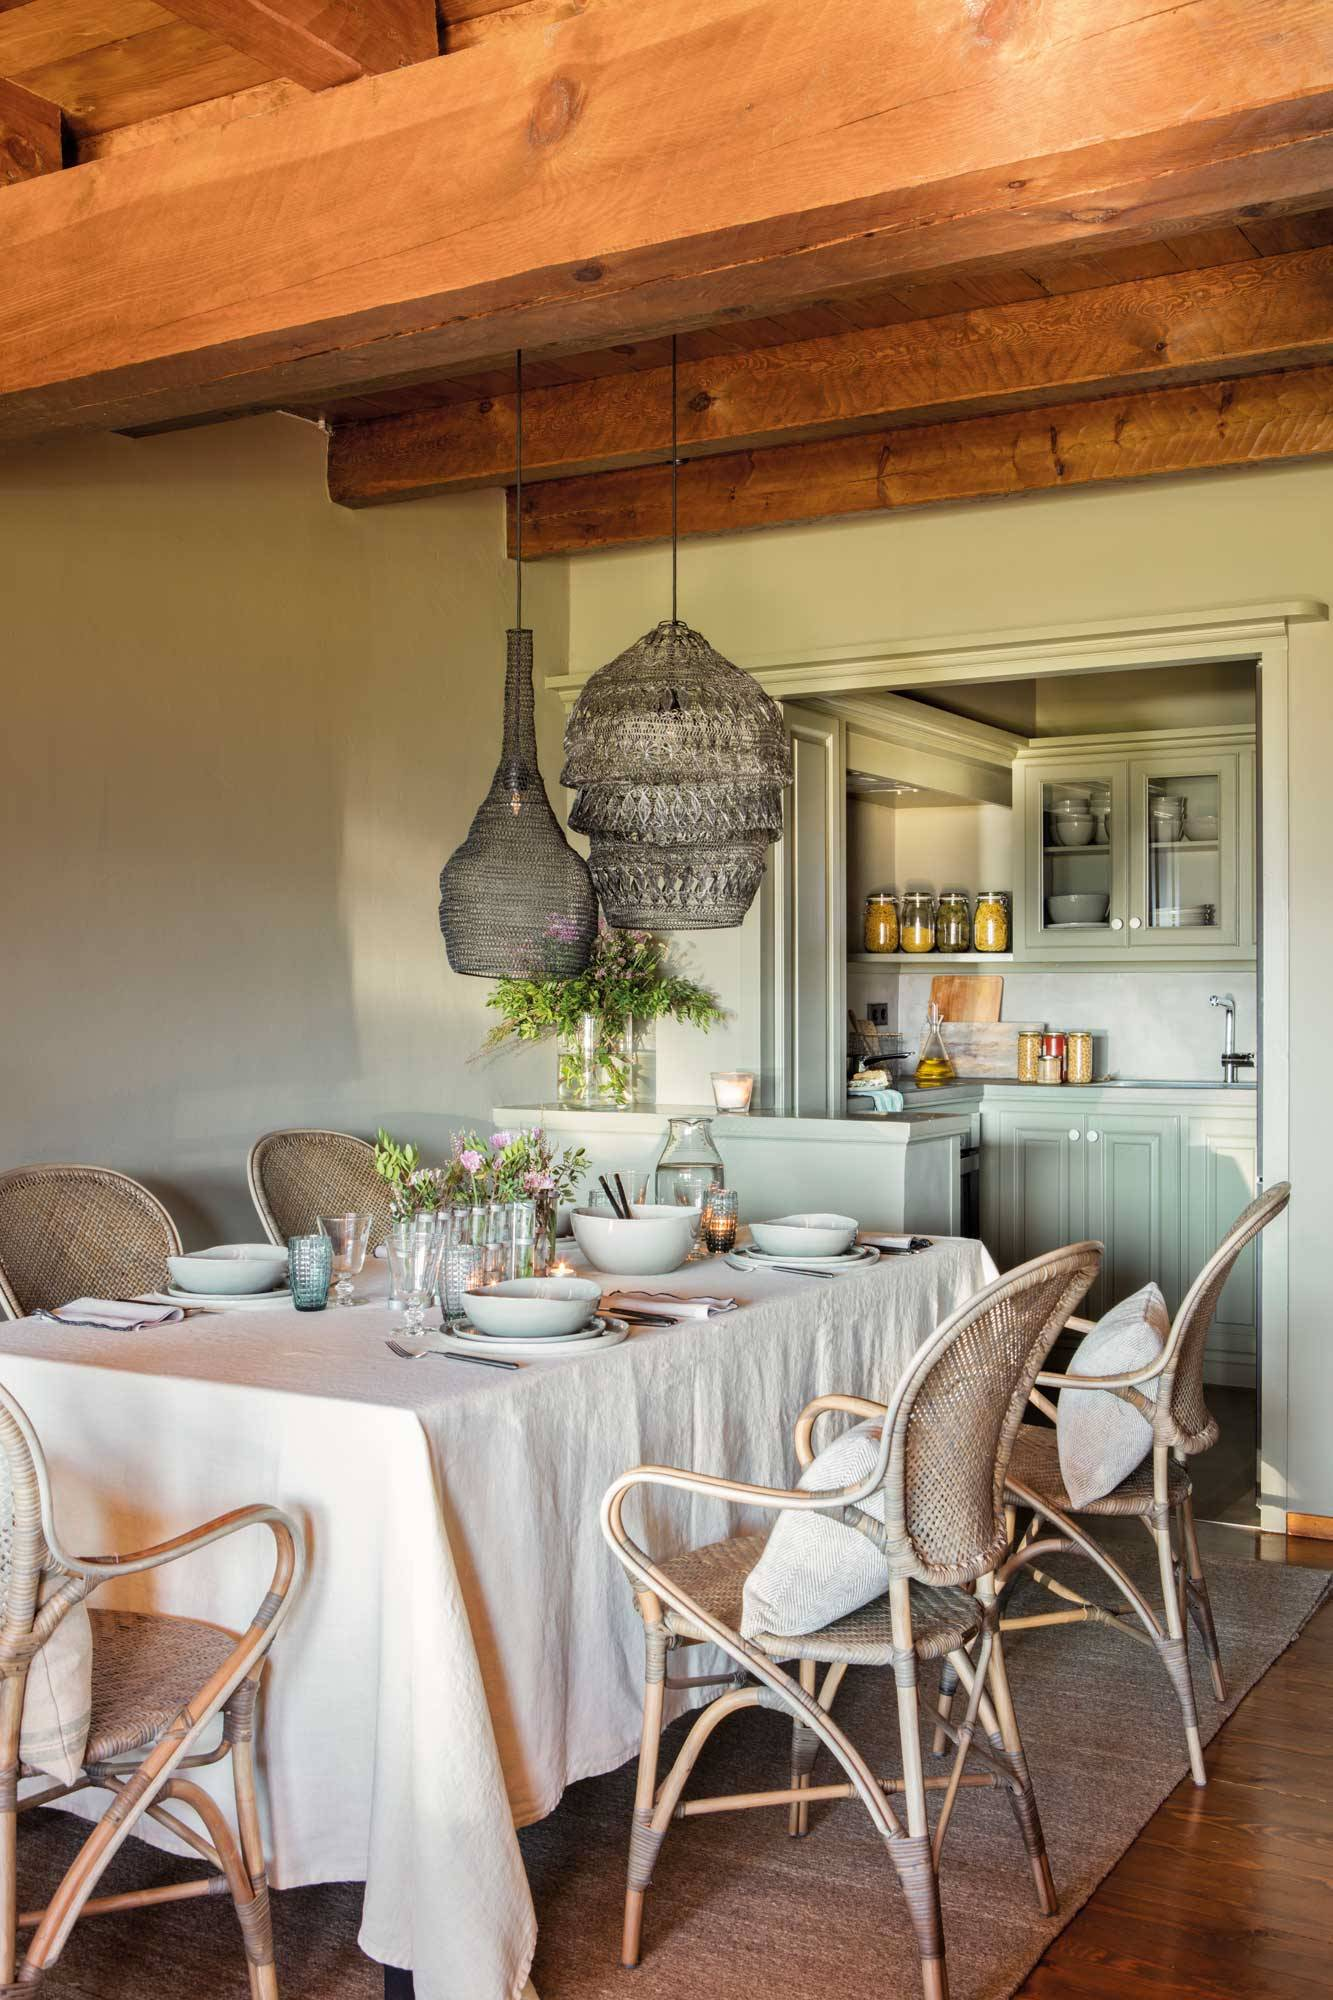 comedor-estilo-rustico-con-cocina-pintada-en-verde-al-fondo-y-vigas-00497887. Colores suaves